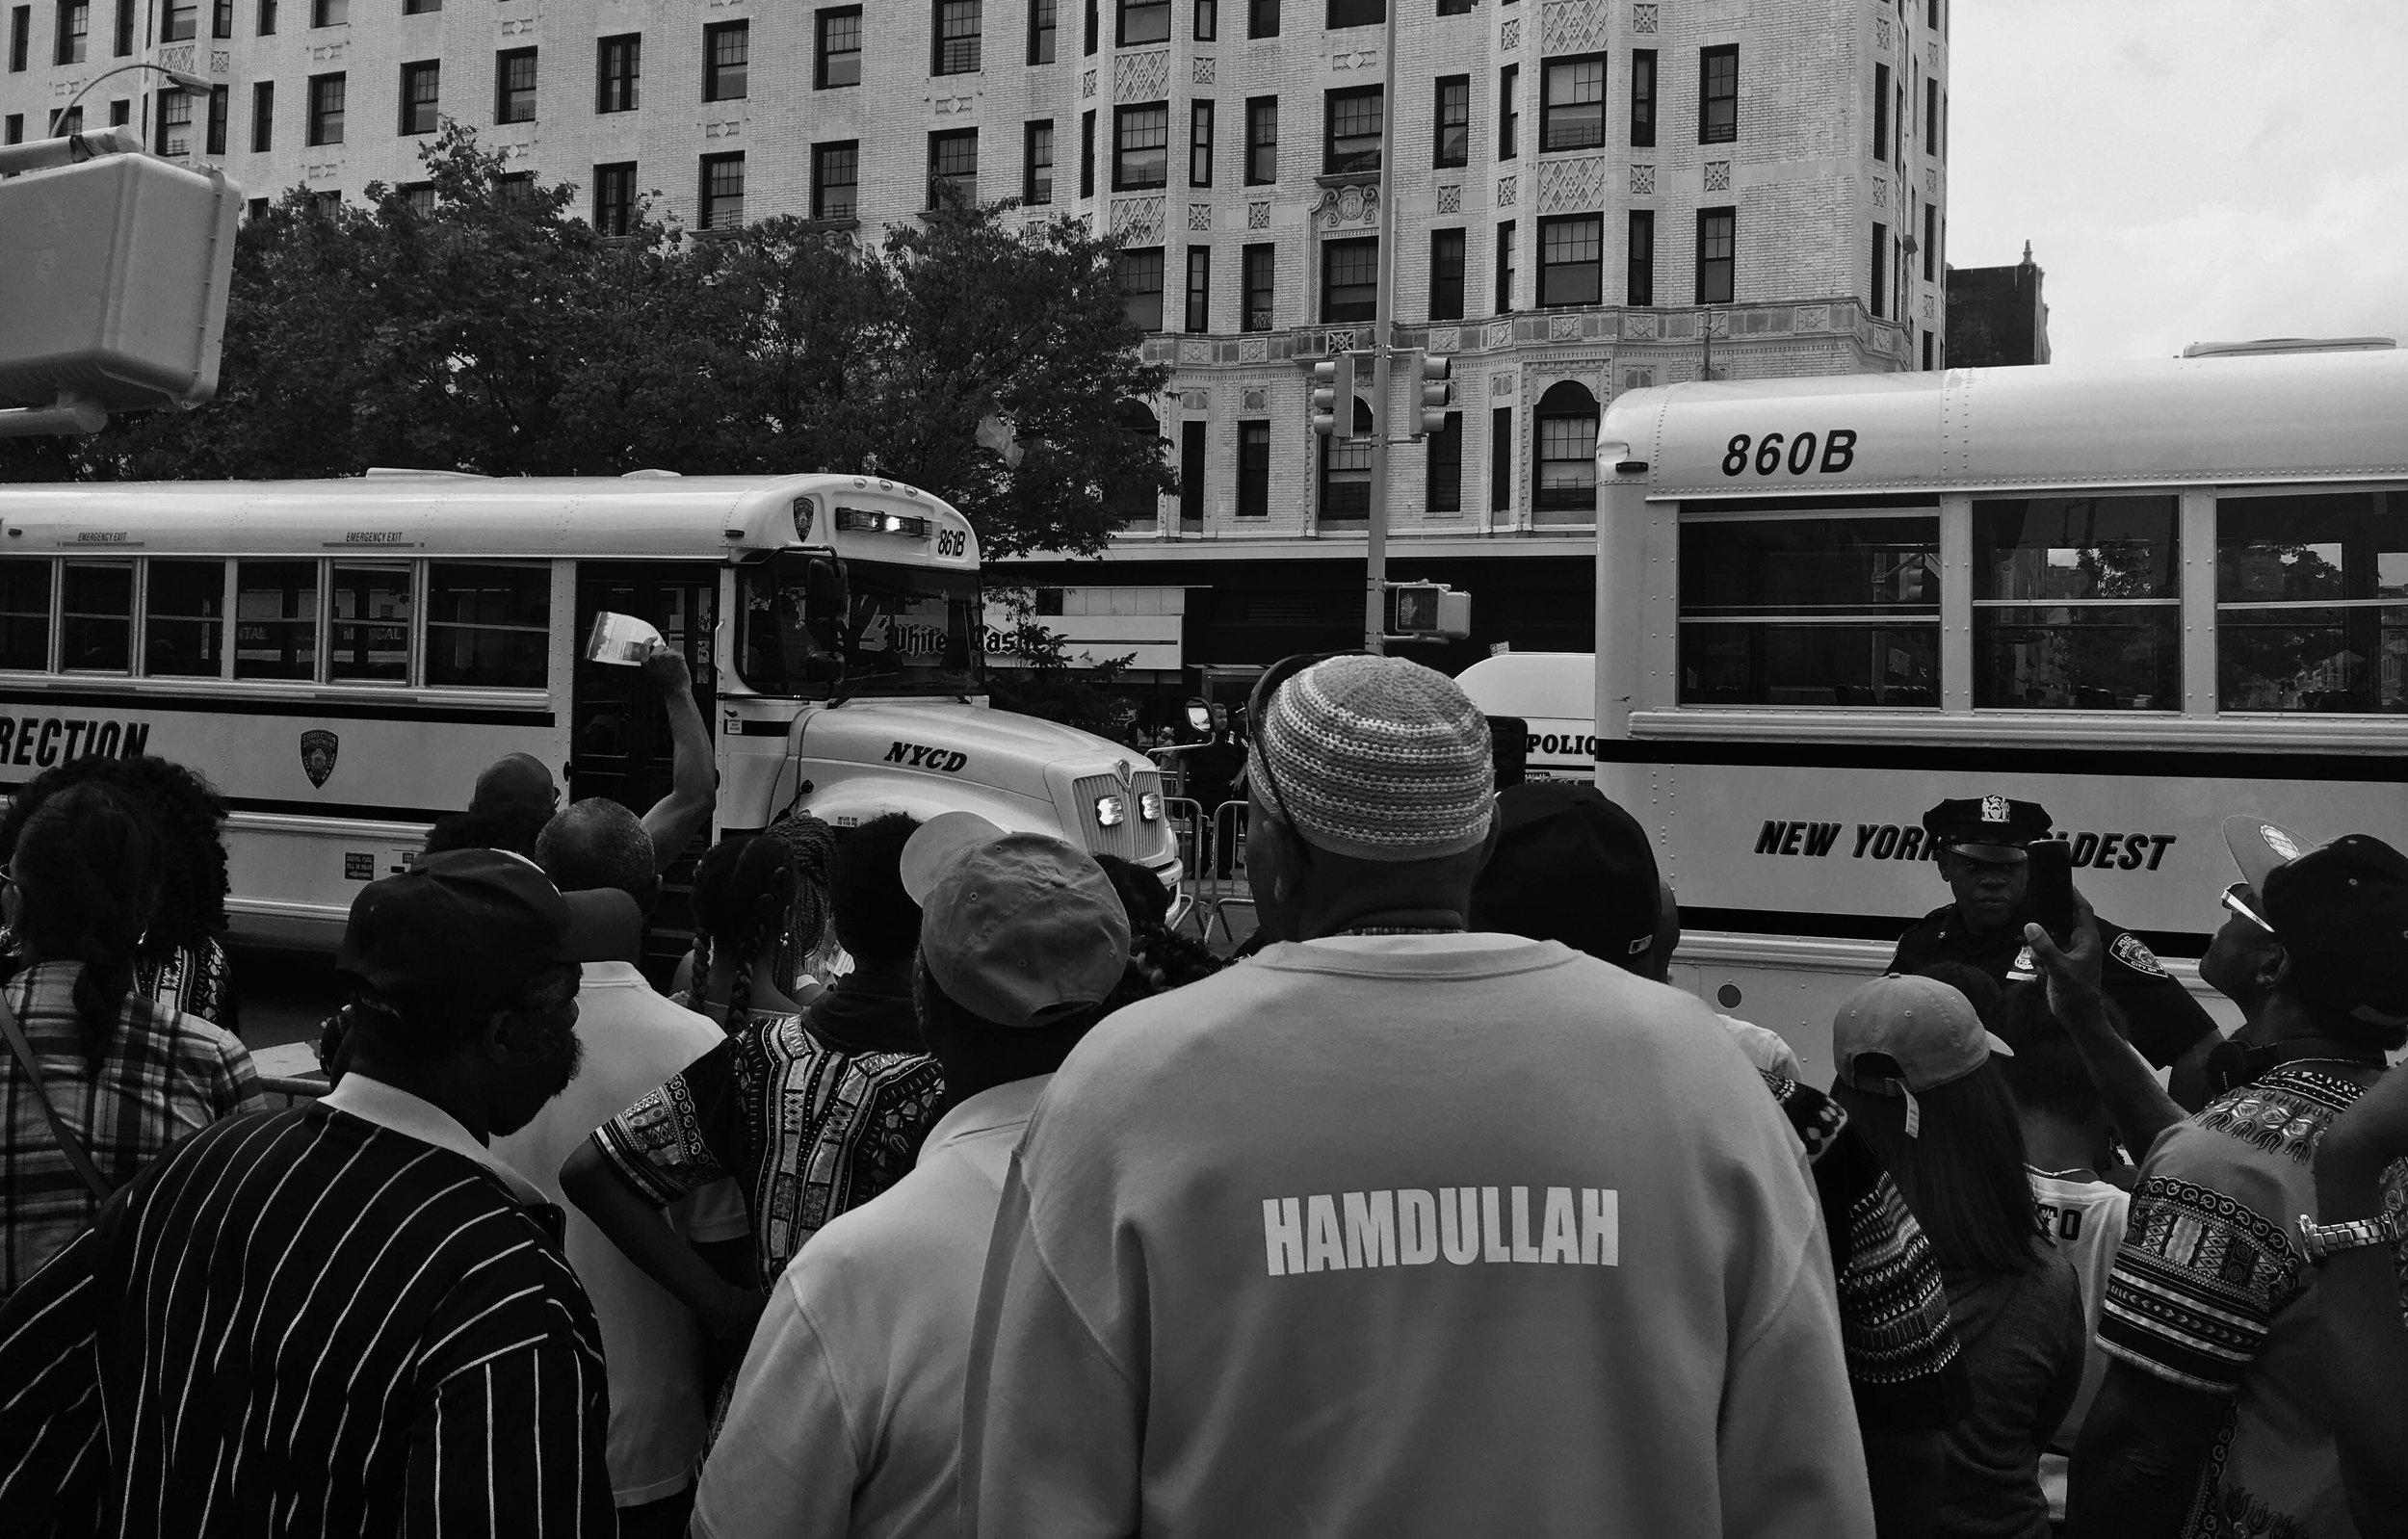 Hamdullah , Harlem, 2016, By Bocafloja